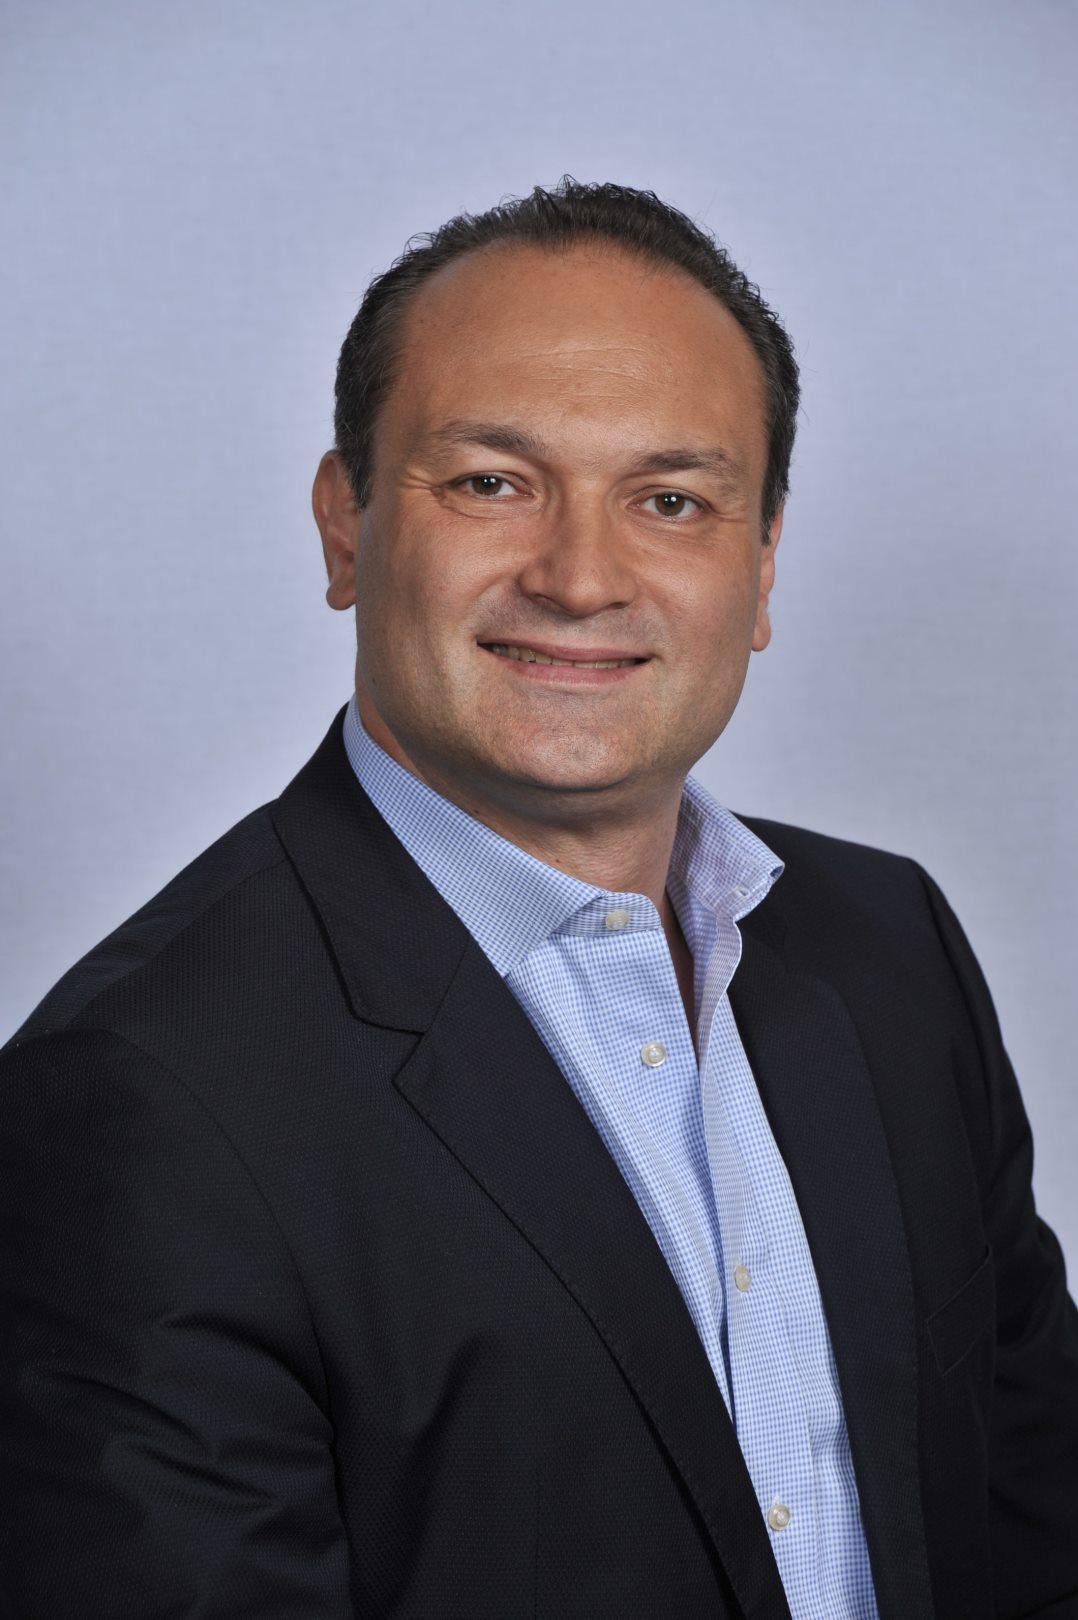 Hani Raad